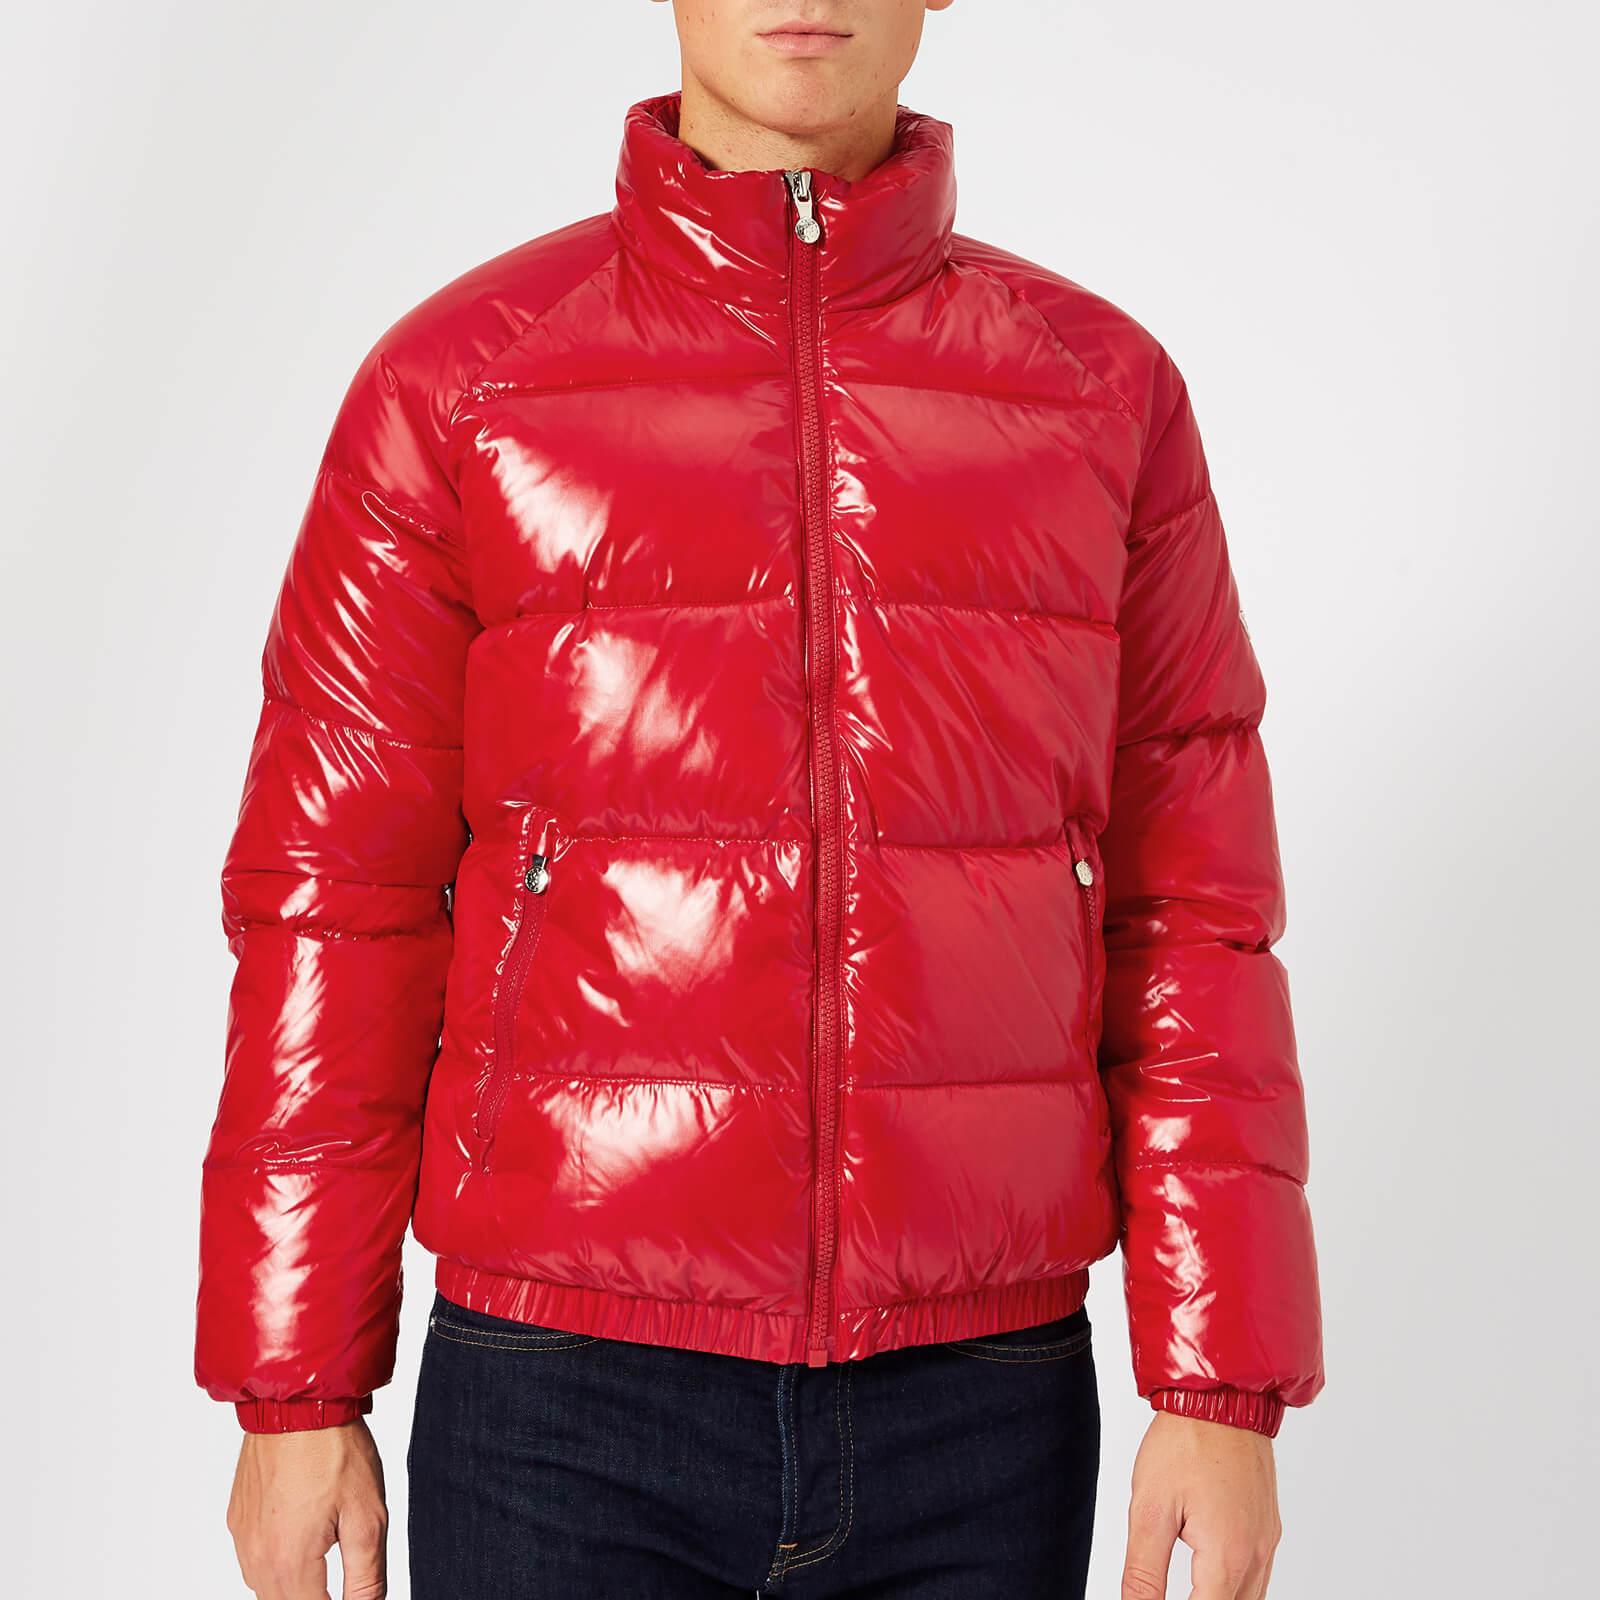 Pyrenex Men's Vintage Mythik Jacket Shiny - Rouge - M - Red